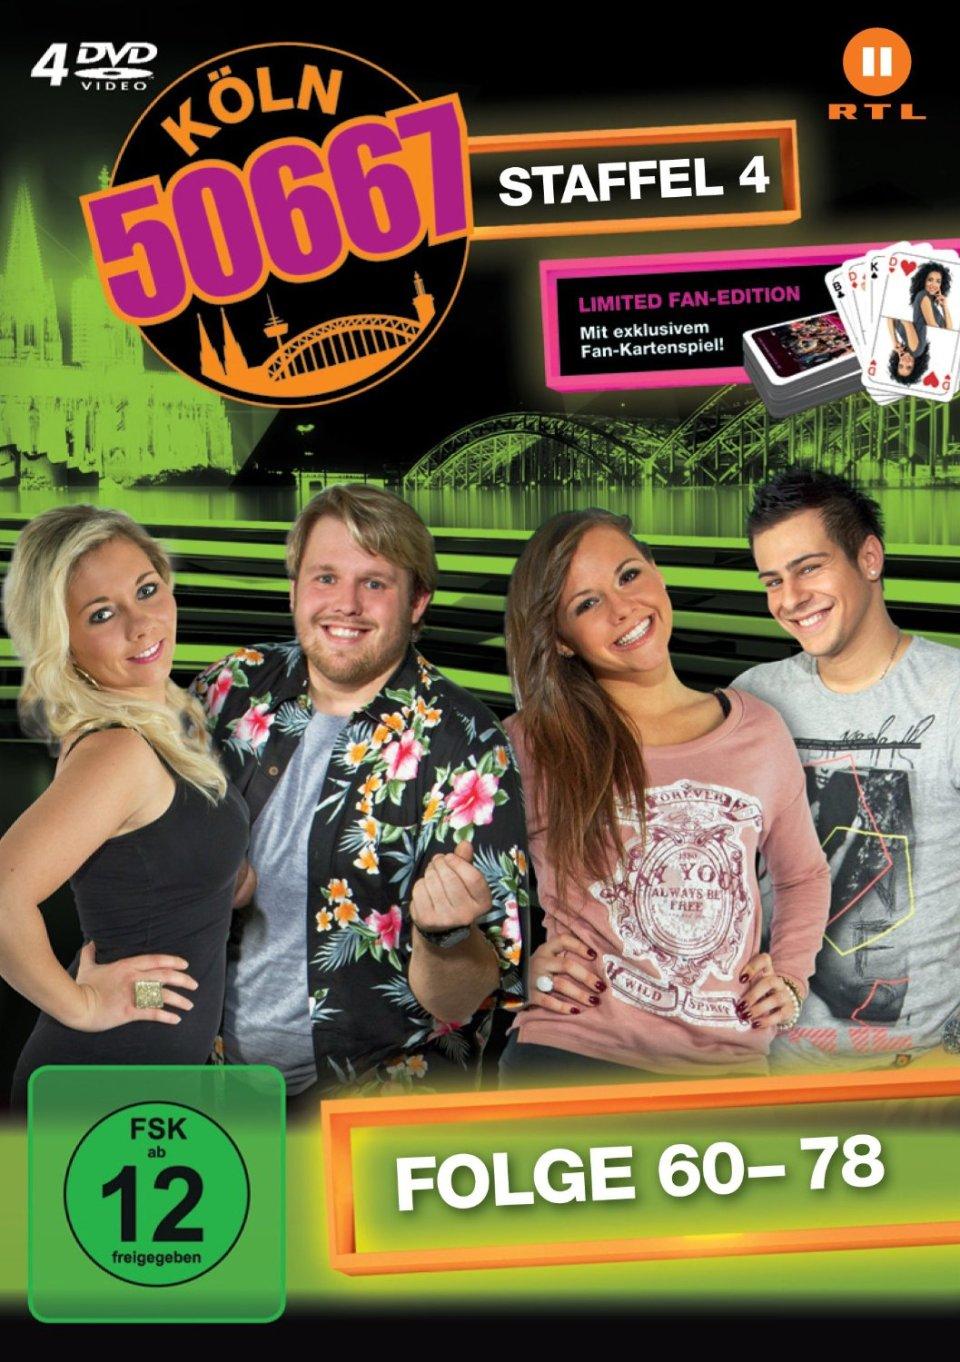 Köln 50667 - Staffel 4